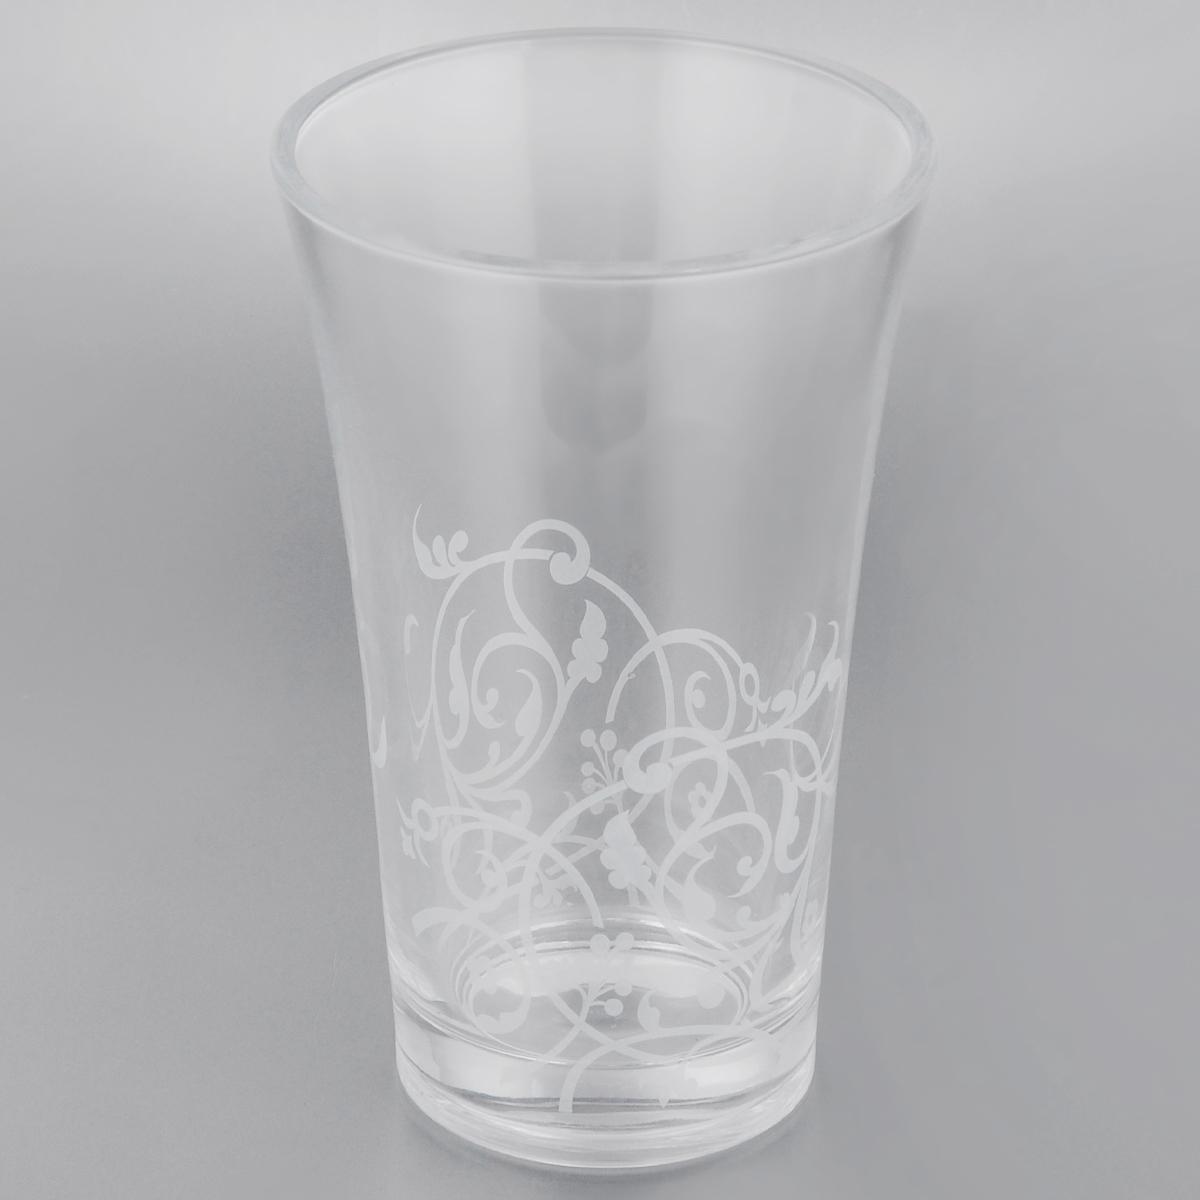 Ваза Cristal dArques Floriday, высота 20 смFS-91909Ваза Cristal dArques Floriday выполнена из прочного высококачественного стекла Diamax, материала высшего качества, разработанного специально для марки Cristal dArques. Все коллекции, выполненные из этого стекла, отличаются высокой стойкостью к ударам при ежедневном использовании, безукоризненной прозрачностью и великолепным сиянием. Изделие декорировано узором, имеет гладкие прозрачные стенки и утолщенное дно.Ваза Cristal dArques Floriday сочетает в себе изысканный дизайн с максимальной функциональностью. Она не только украсит дом и подчеркнет ваш прекрасный вкус, но и станет отличным подарком.Высота: 20 см.Диаметр вазы (по верхнему краю): 12,5 см.Диаметр основания: 8,5 см.